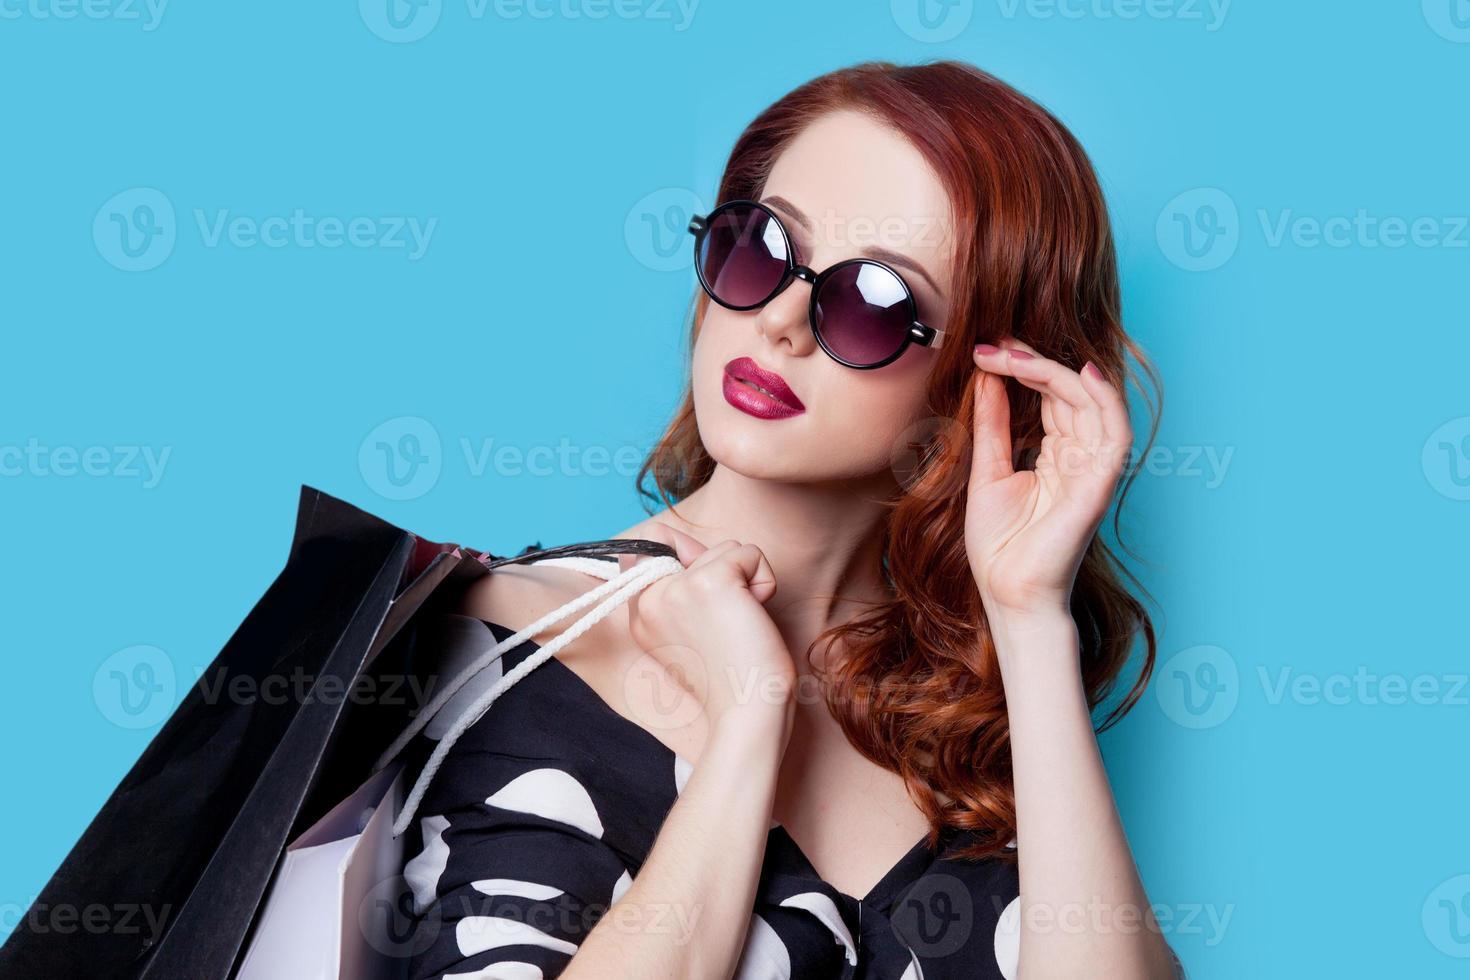 ragazza in abito nero con borse della spesa foto